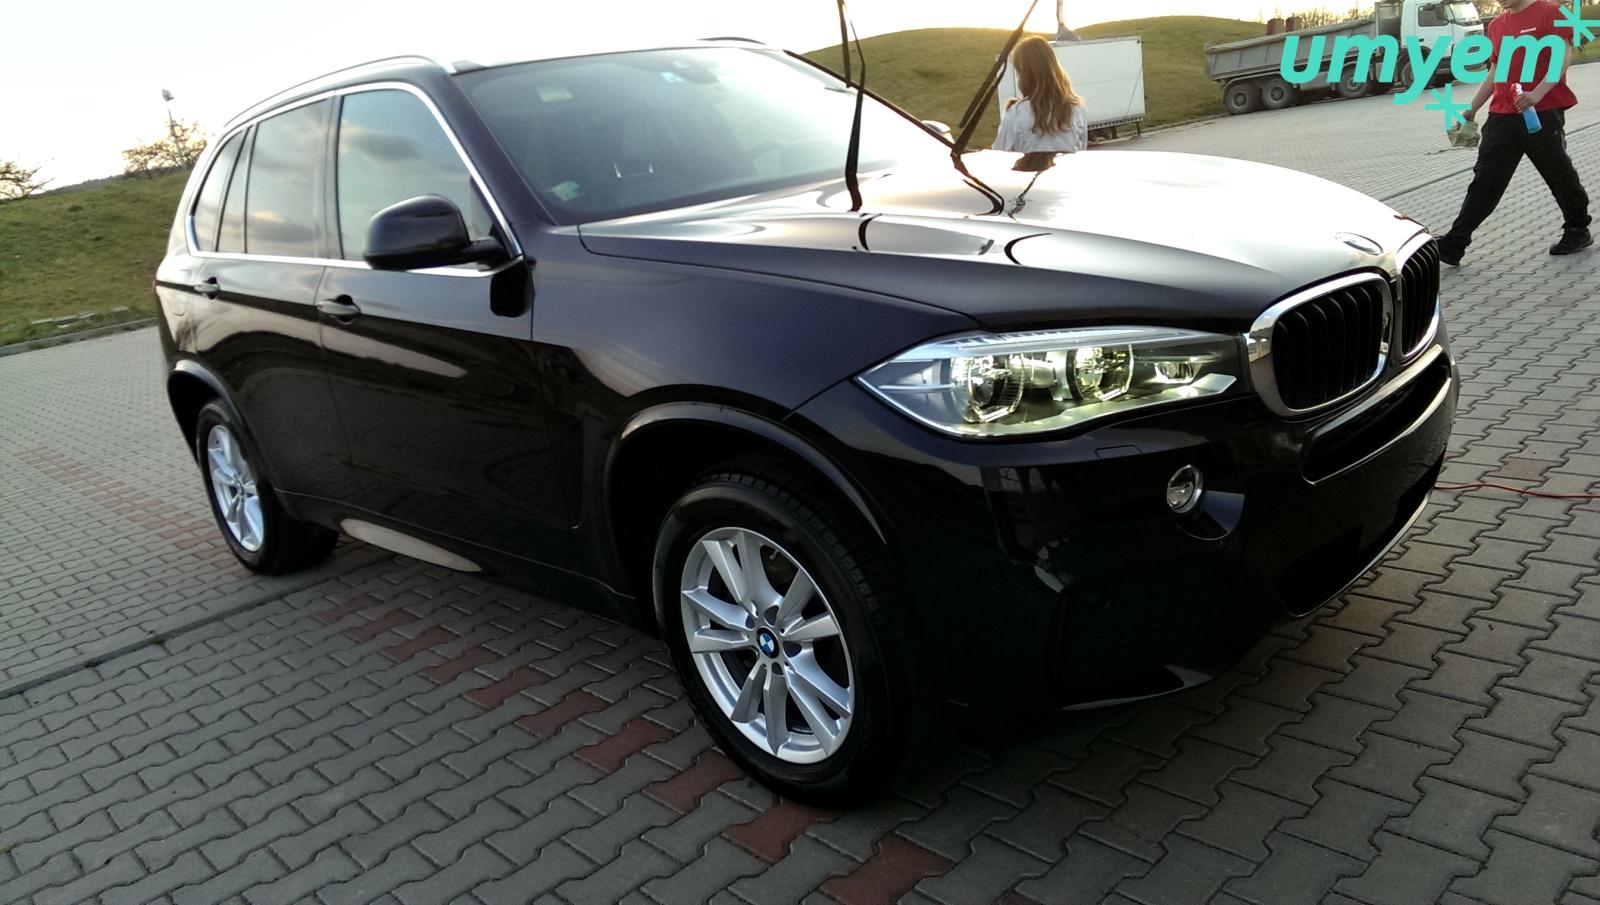 BMW_X5_detailing_Czech_Republic_Brno_UMYEM